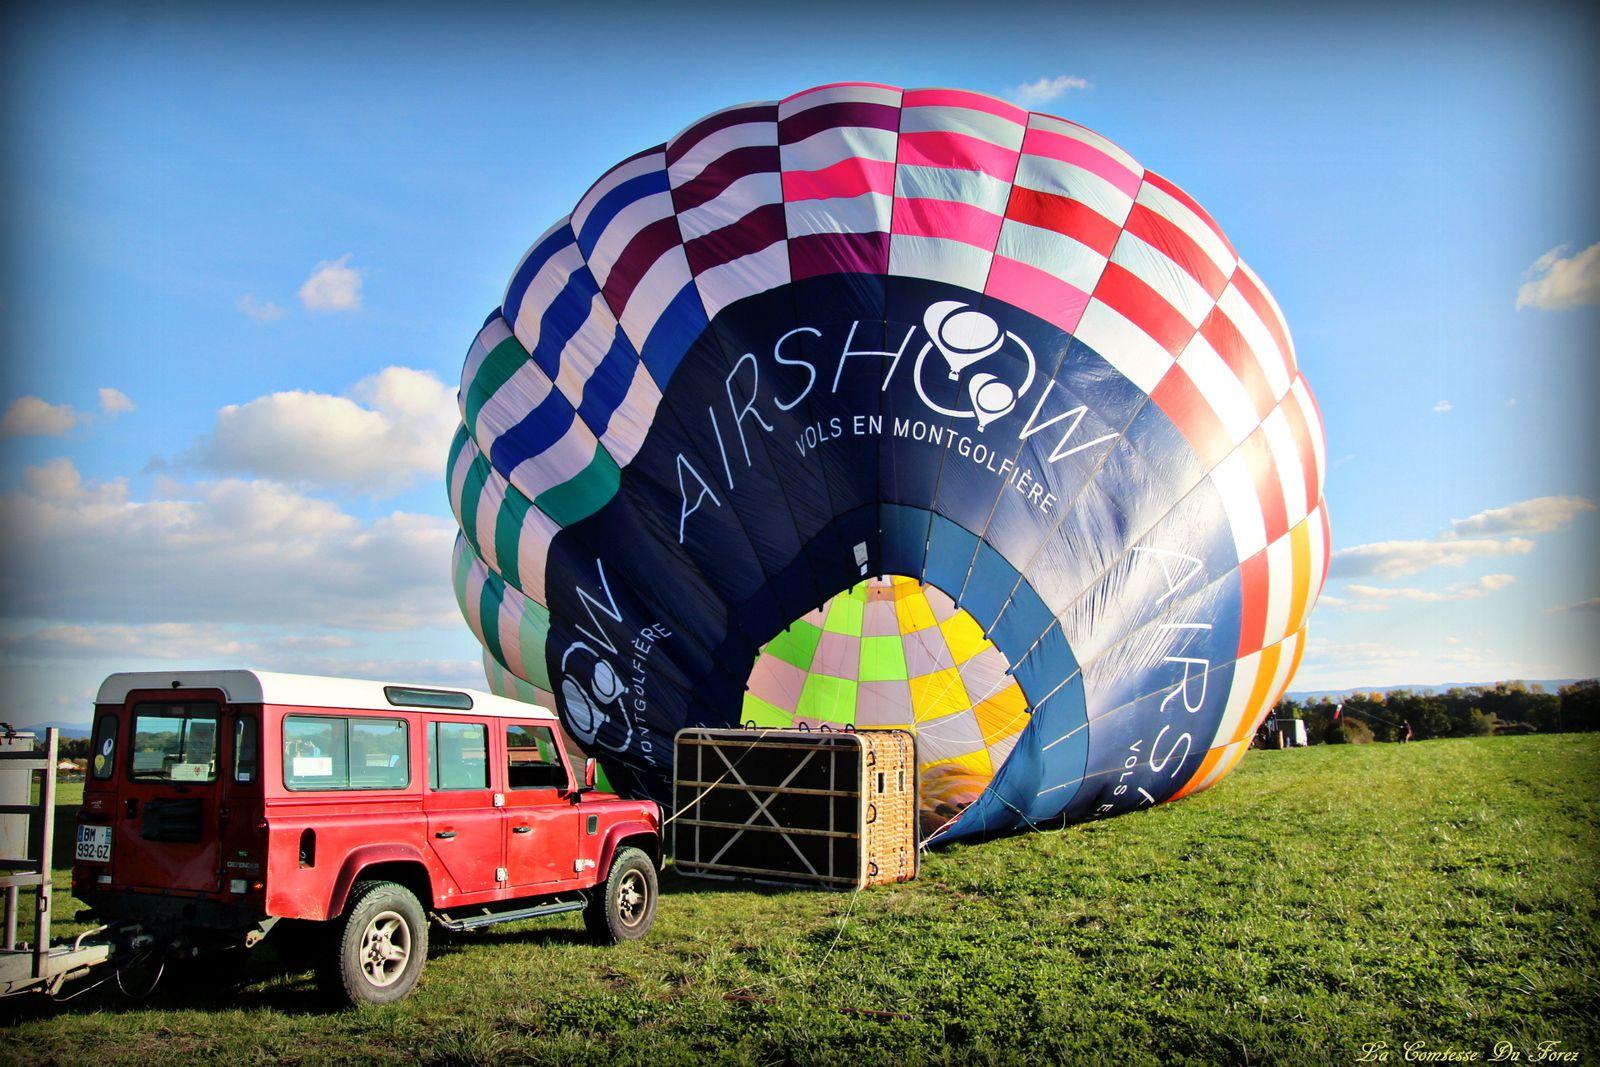 Vol en montgolfière avec Airshow (Loire, 42)